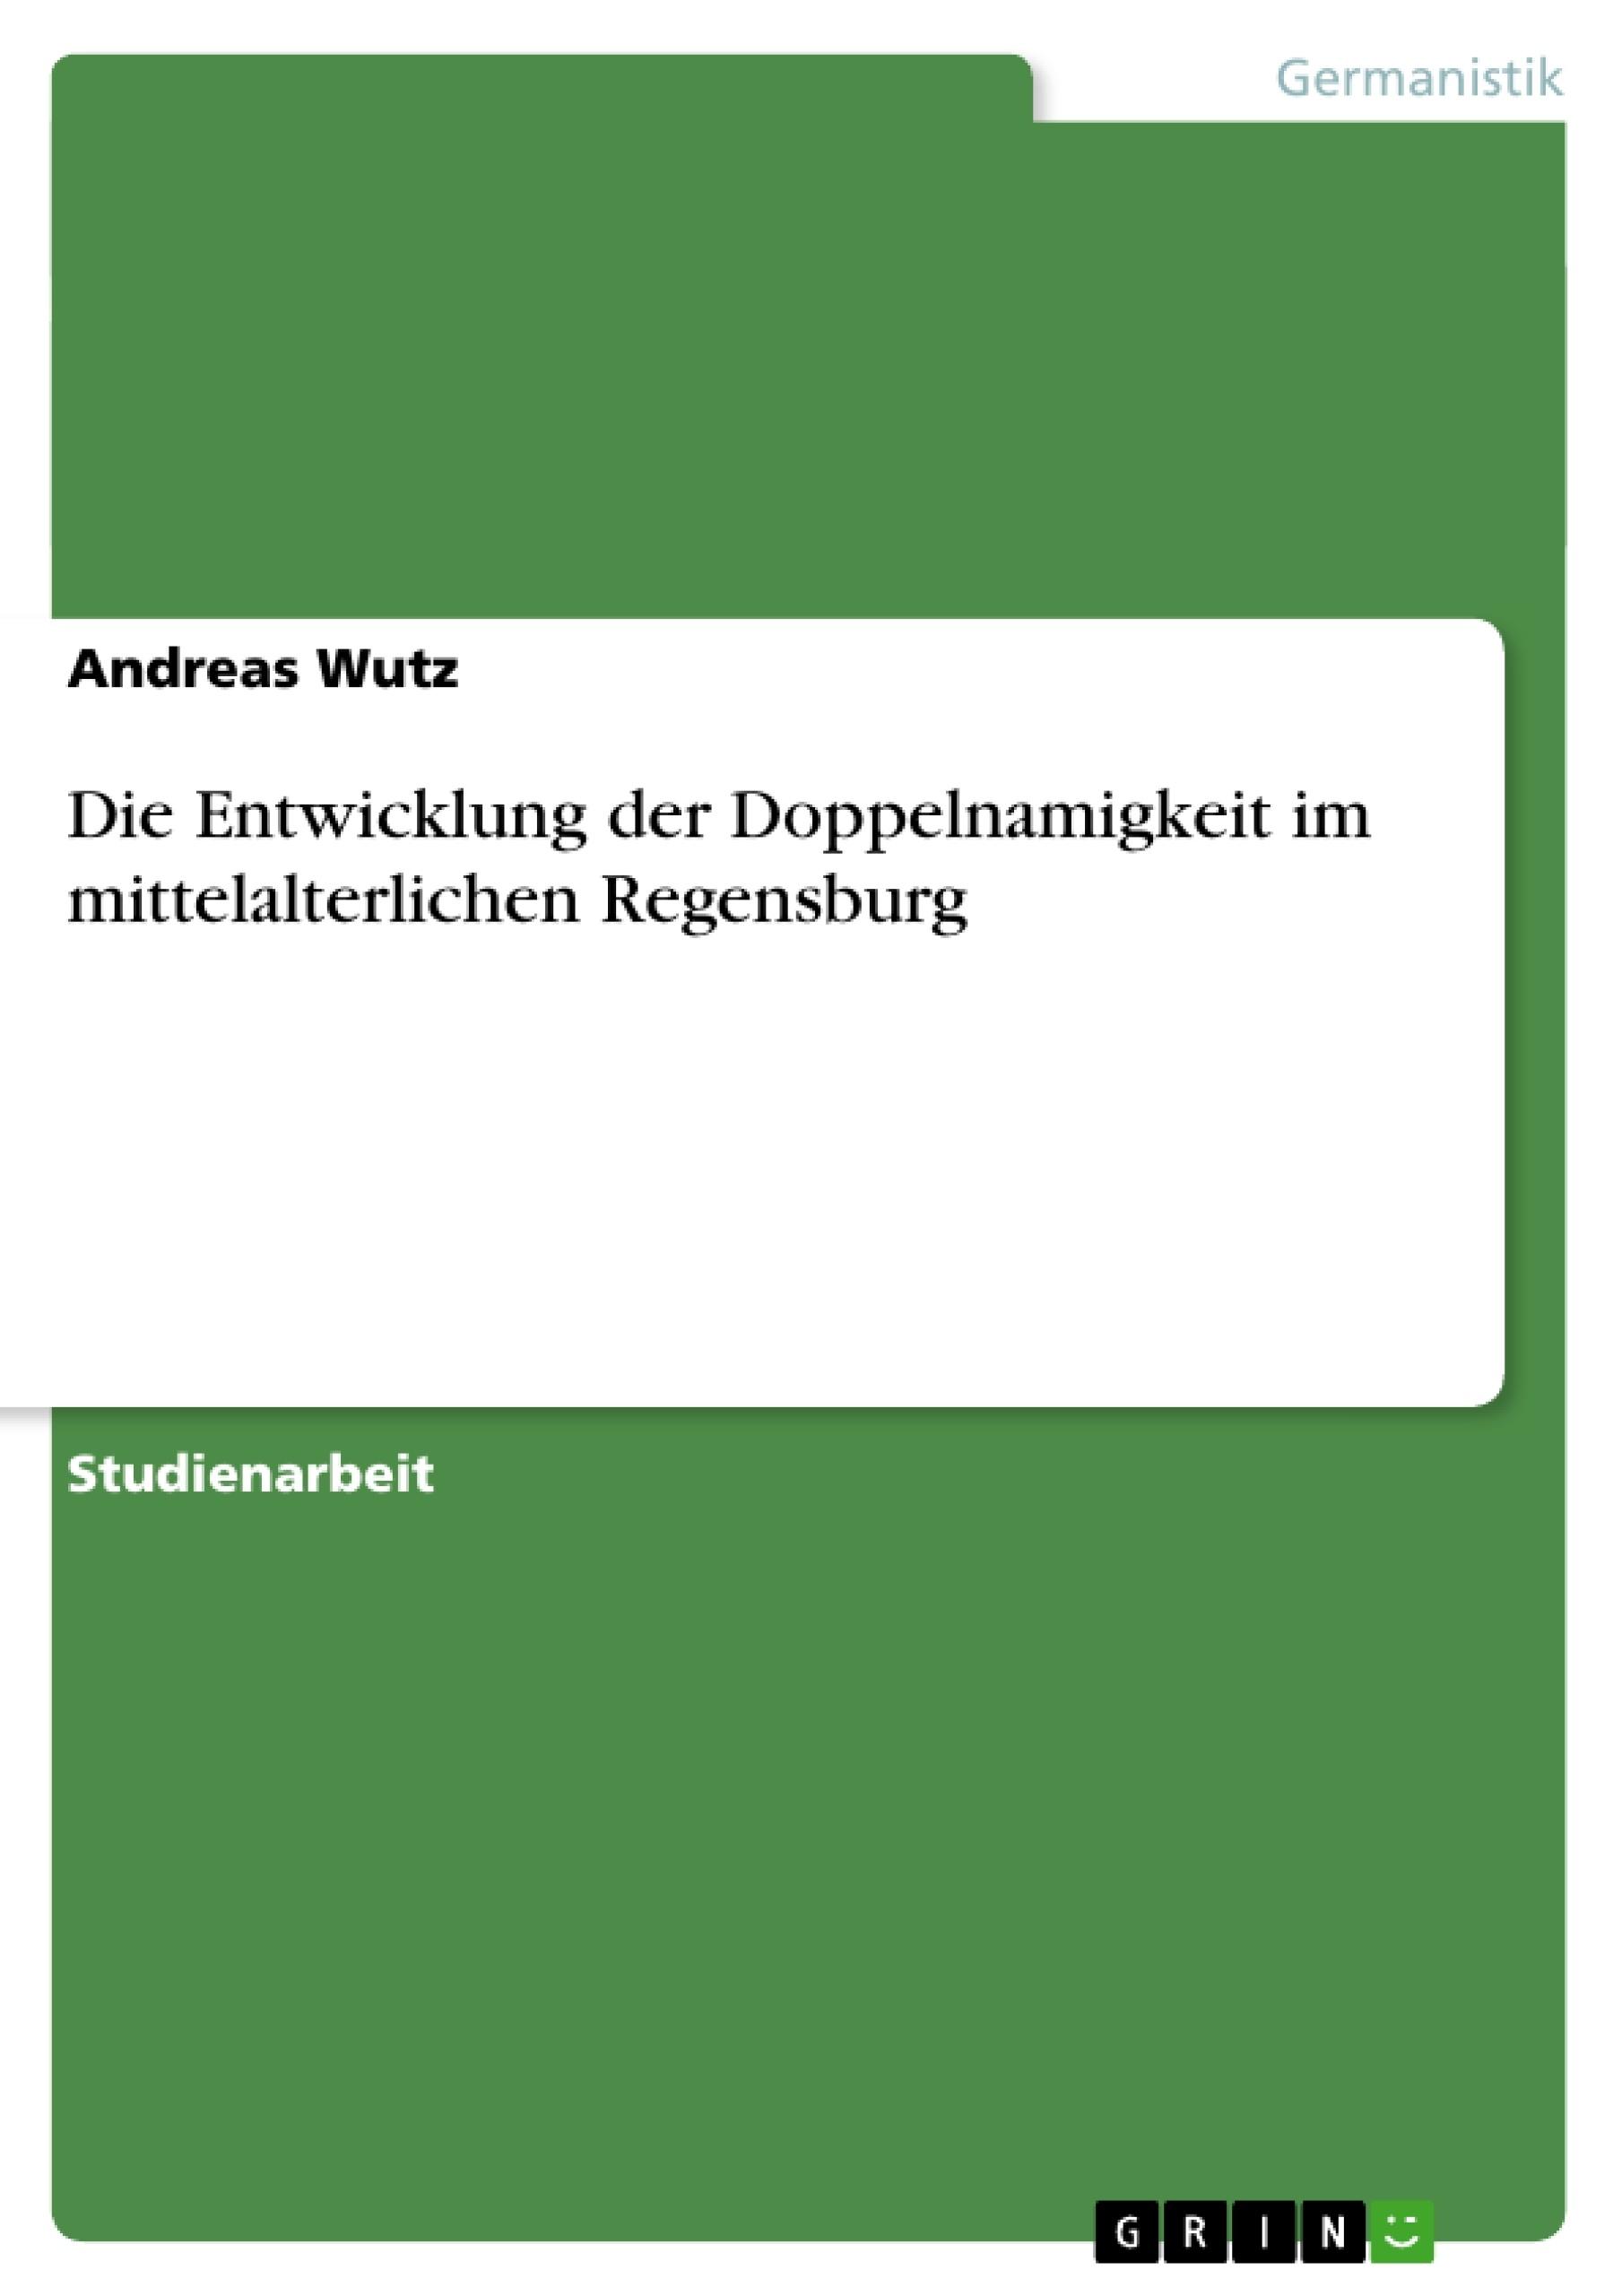 Titel: Die Entwicklung der Doppelnamigkeit im mittelalterlichen Regensburg